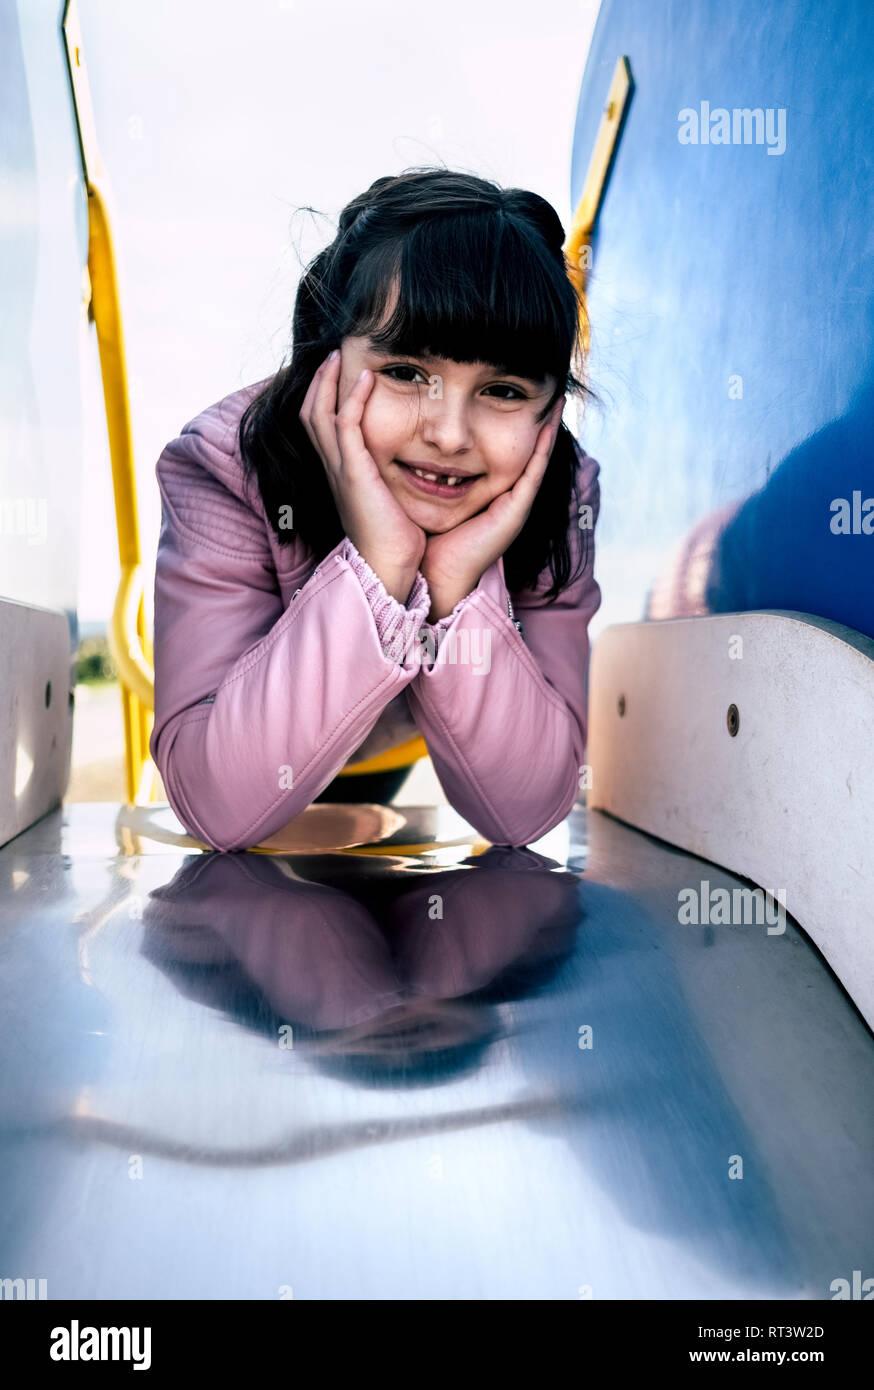 Retrato de muchacha recostada en la diapositiva de un playground Imagen De Stock